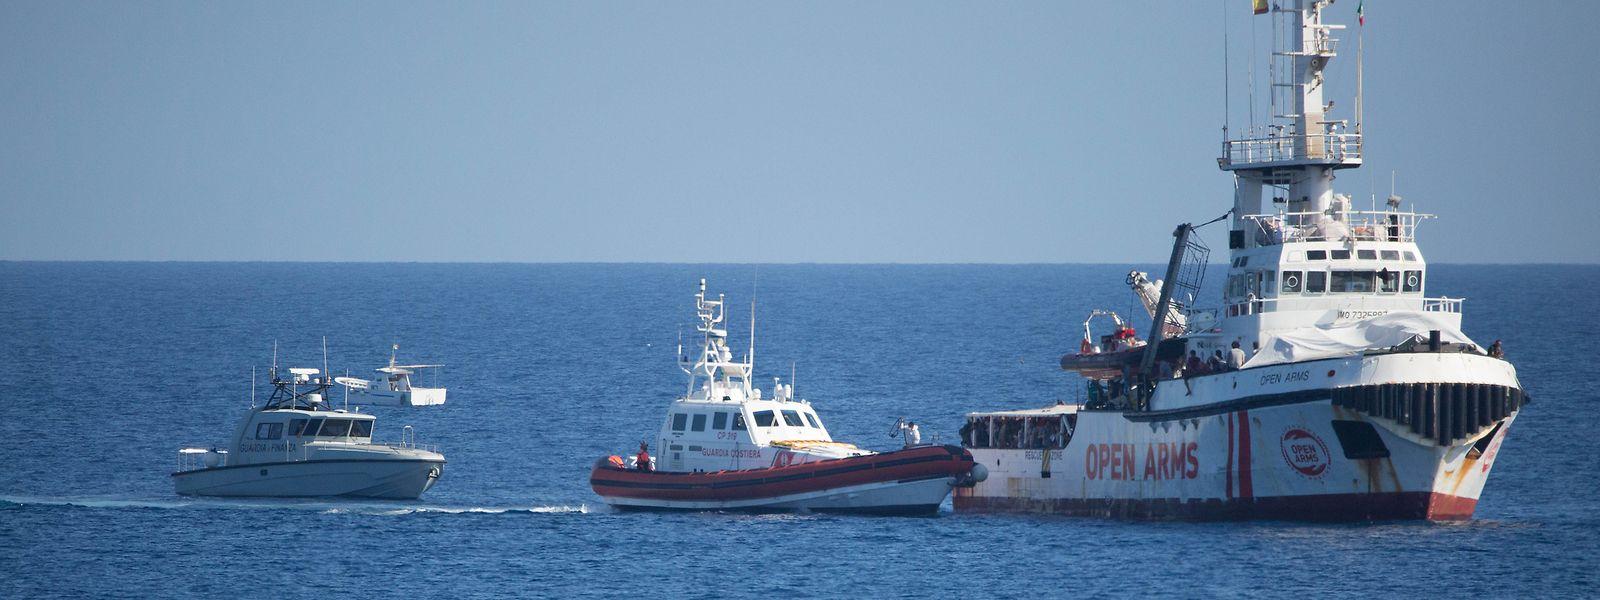 """Das Schiff """"Open Arms"""" der Hilfsorganisation Proactiva Open Arms ankert vor der Küste von Lampedusa."""